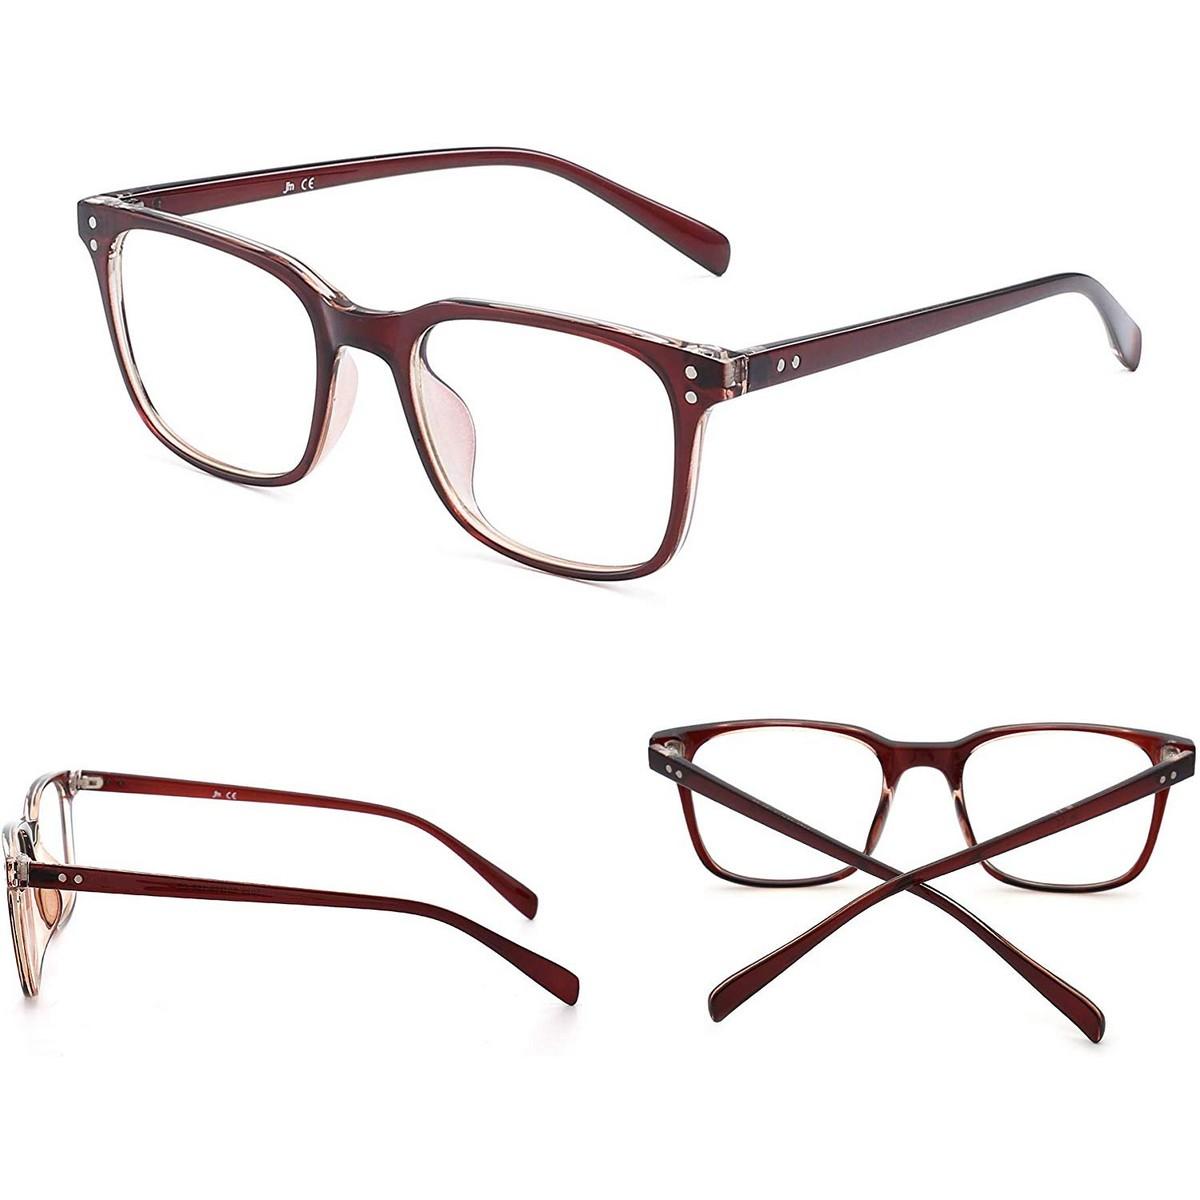 Blue Light Blocking Computer Glasses Anti Blue Ray Square Eyeglasses Reduce Eye Strain for Women Men